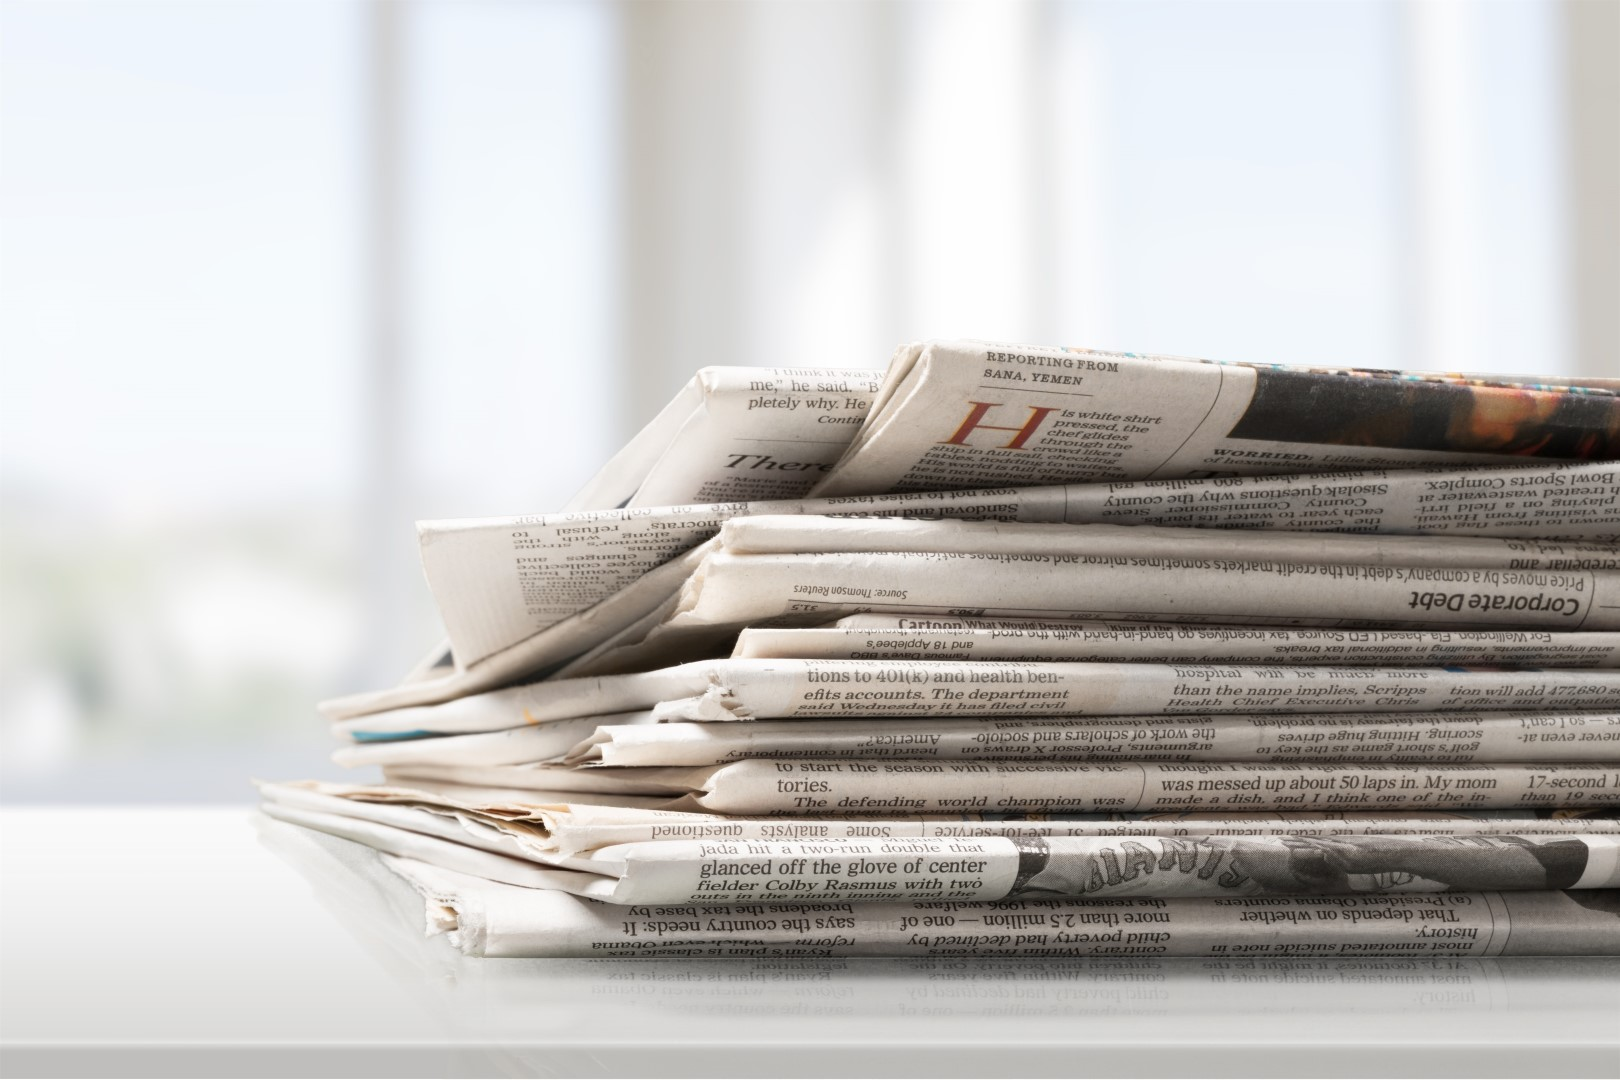 İşte günün manşetleri